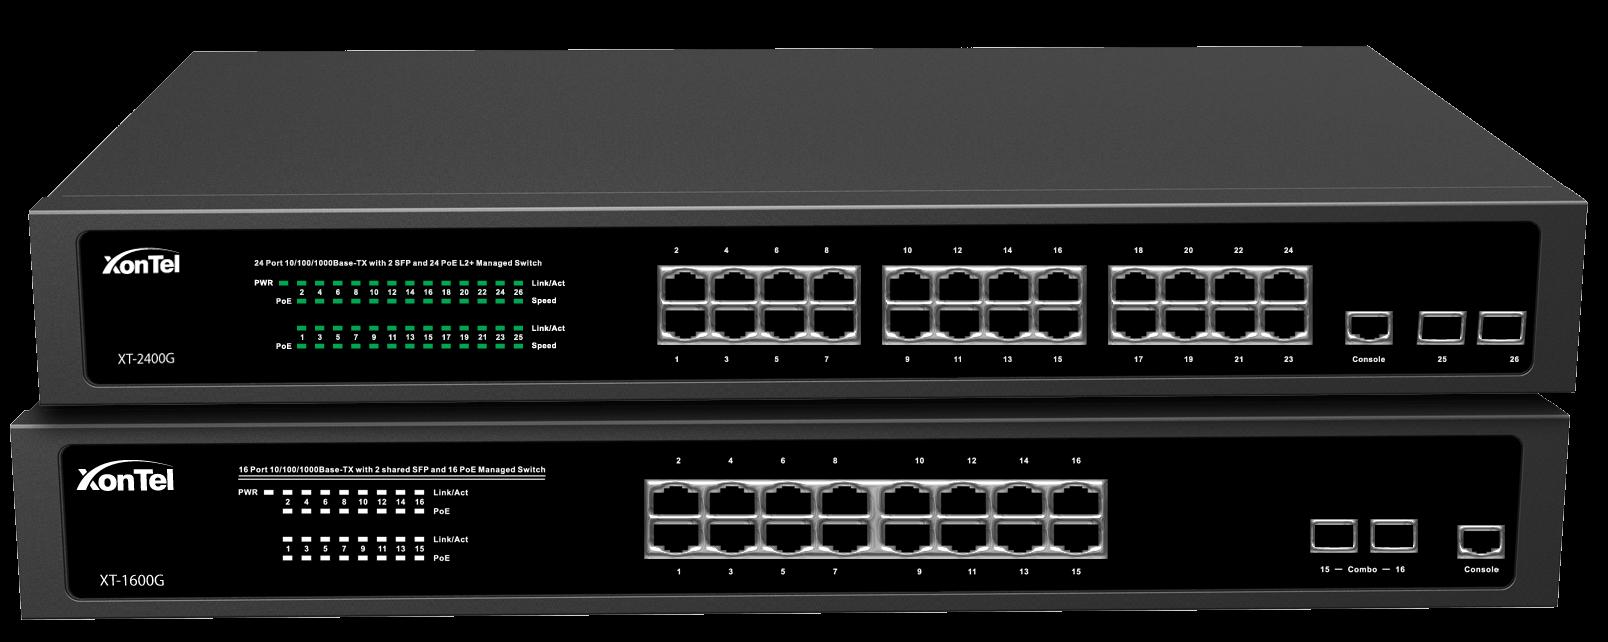 XT-2400G & XT-1600G Managed Gigabit POE Switches - Arab